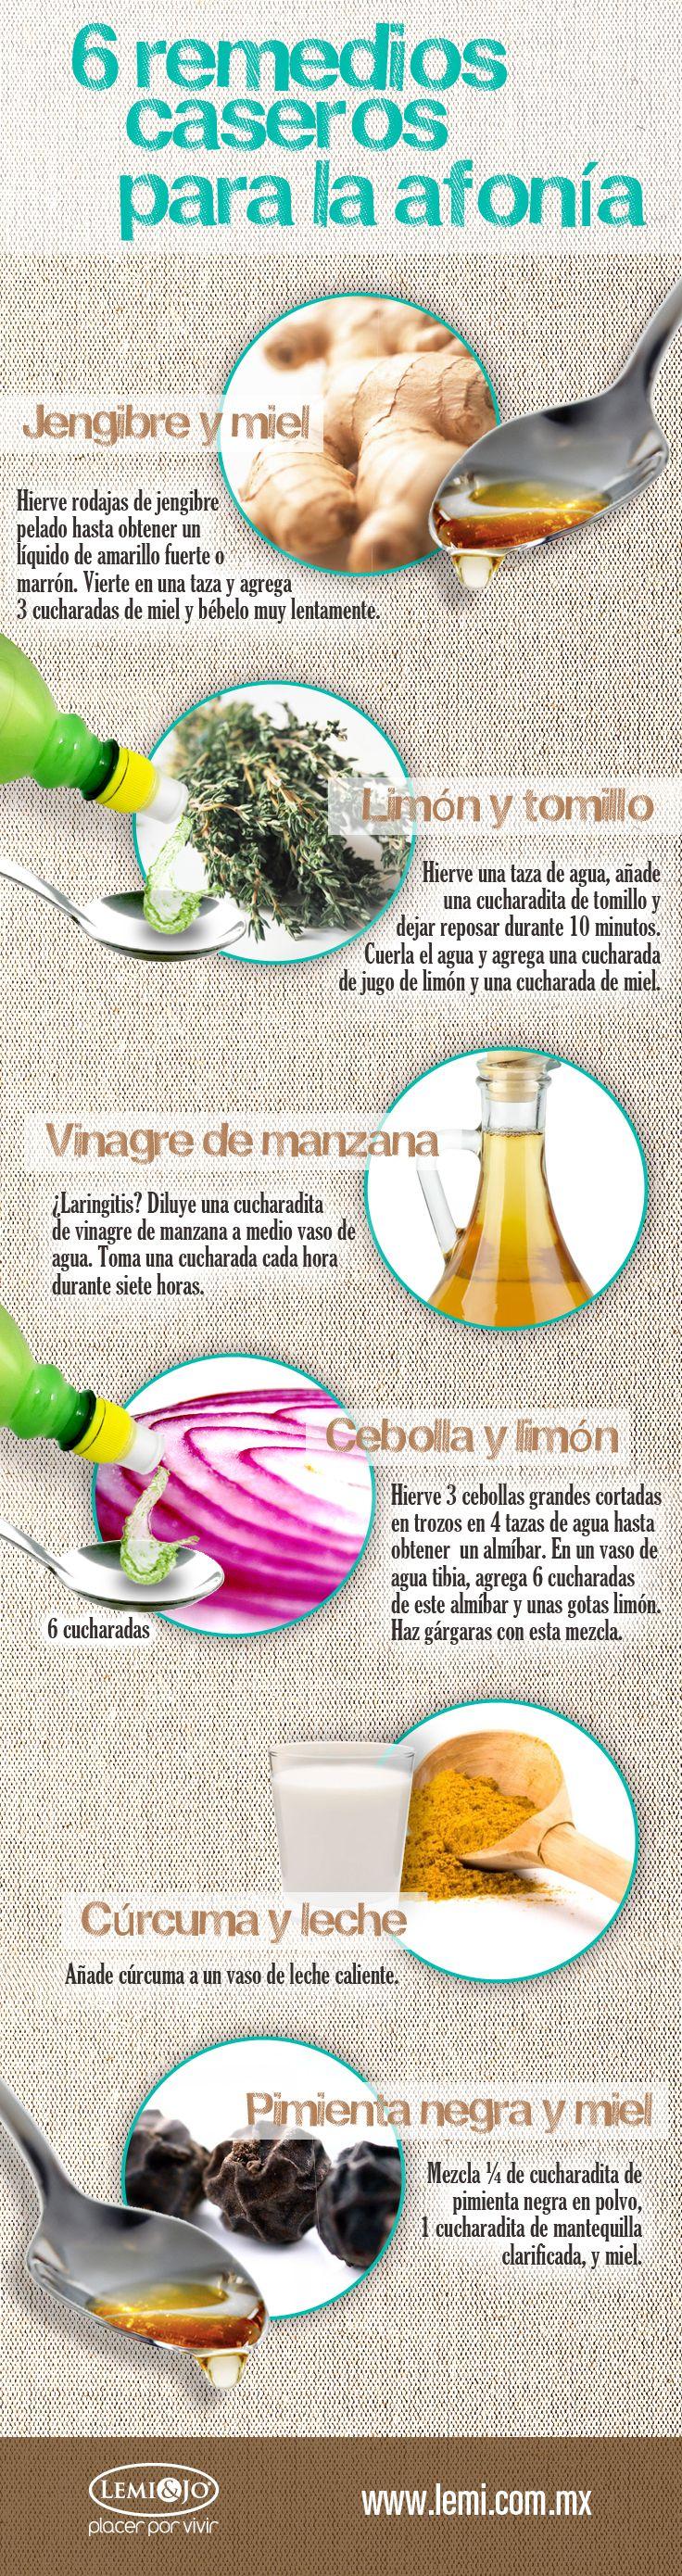 Infografía: 6 #remedios caseros para la afonía. #salud y #bienestar